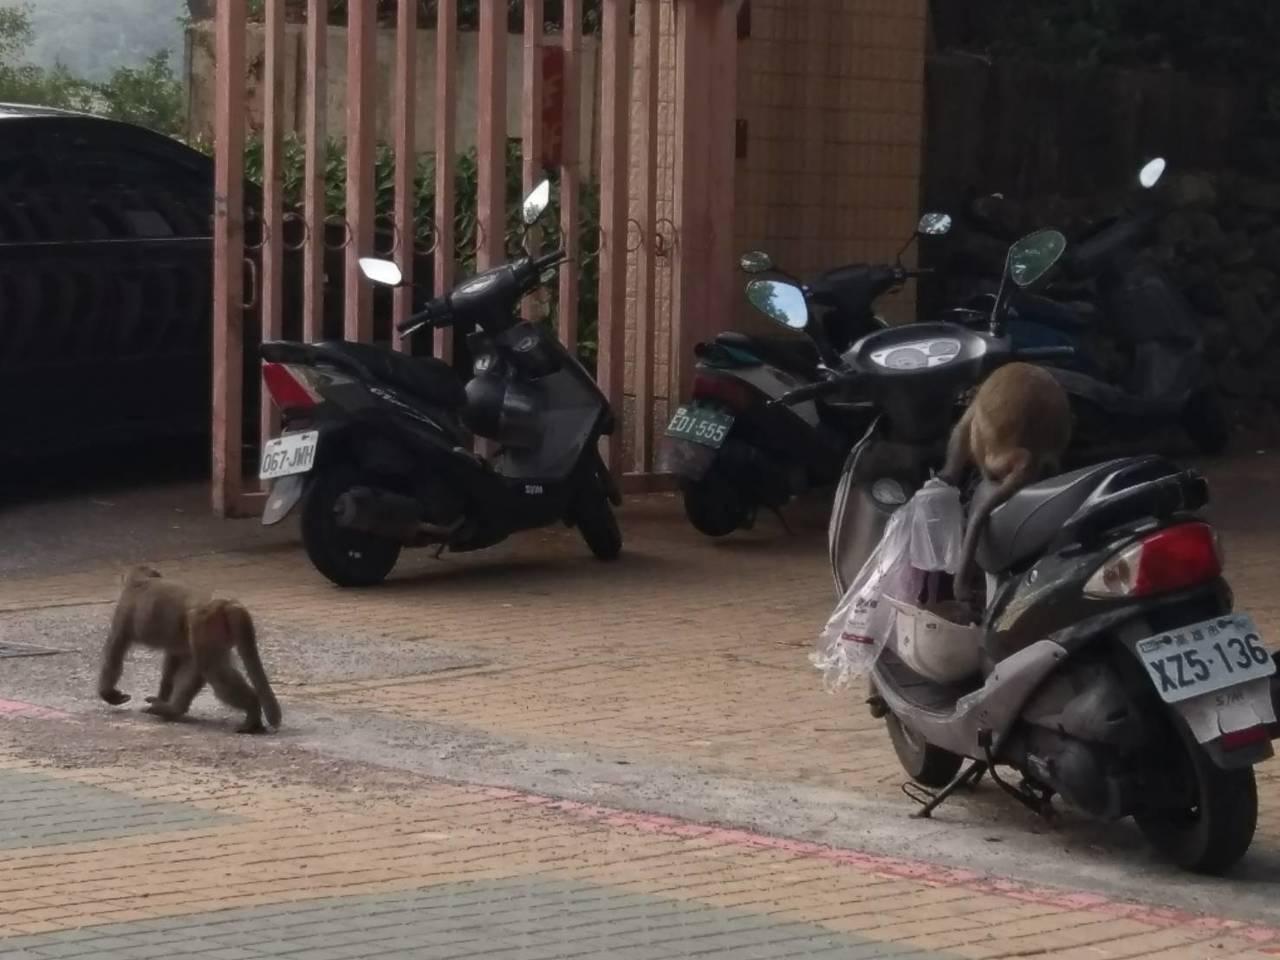 獼猴看到人不害怕,公然在機車區內搶食,只要看到塑膠袋就一擁而上搶走。